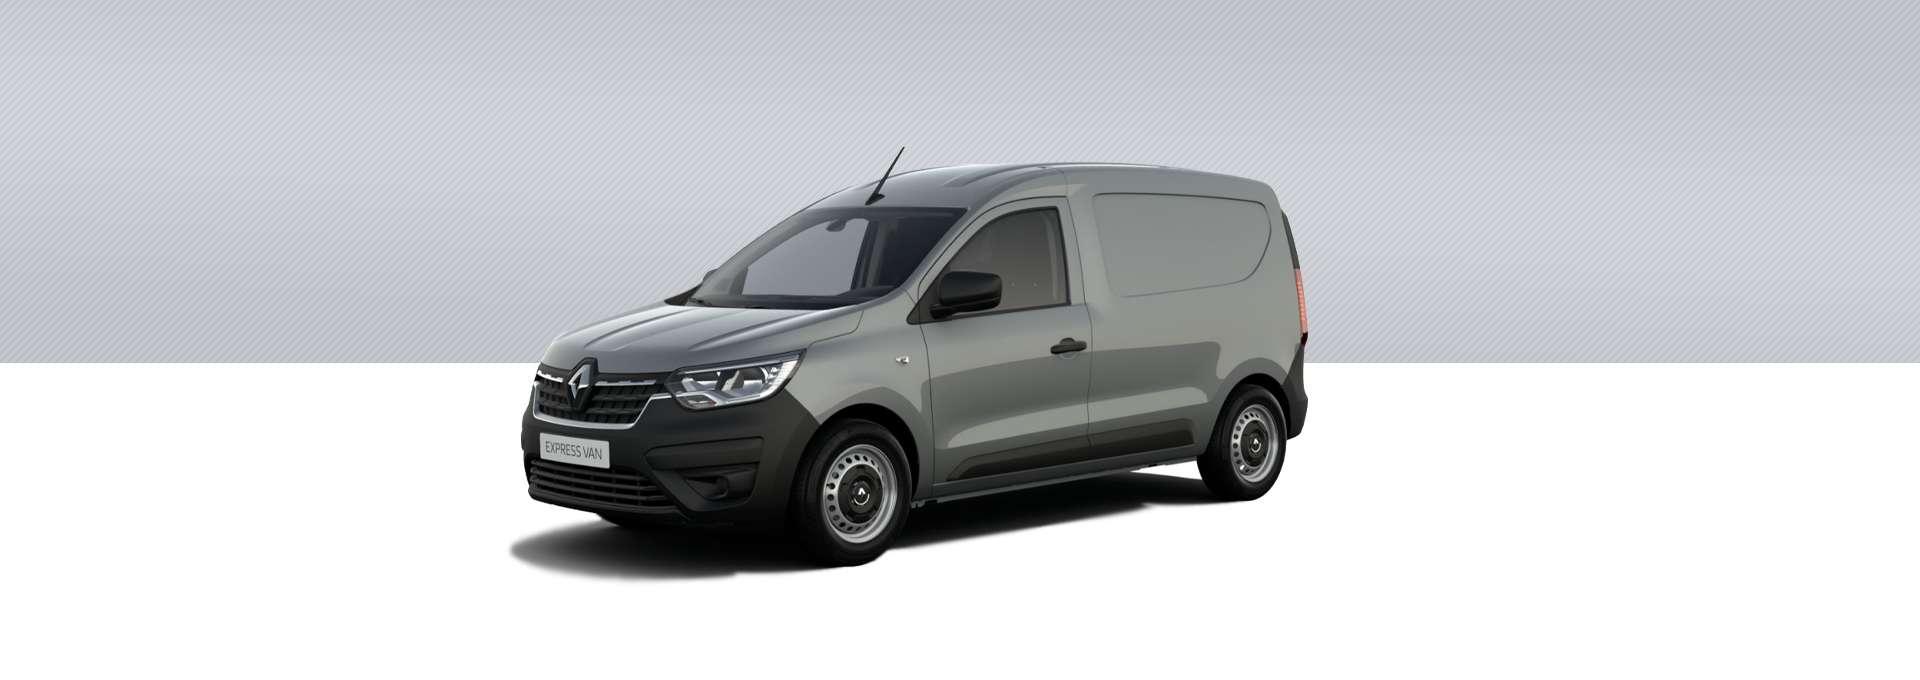 Renault Nuevo Express Furgón